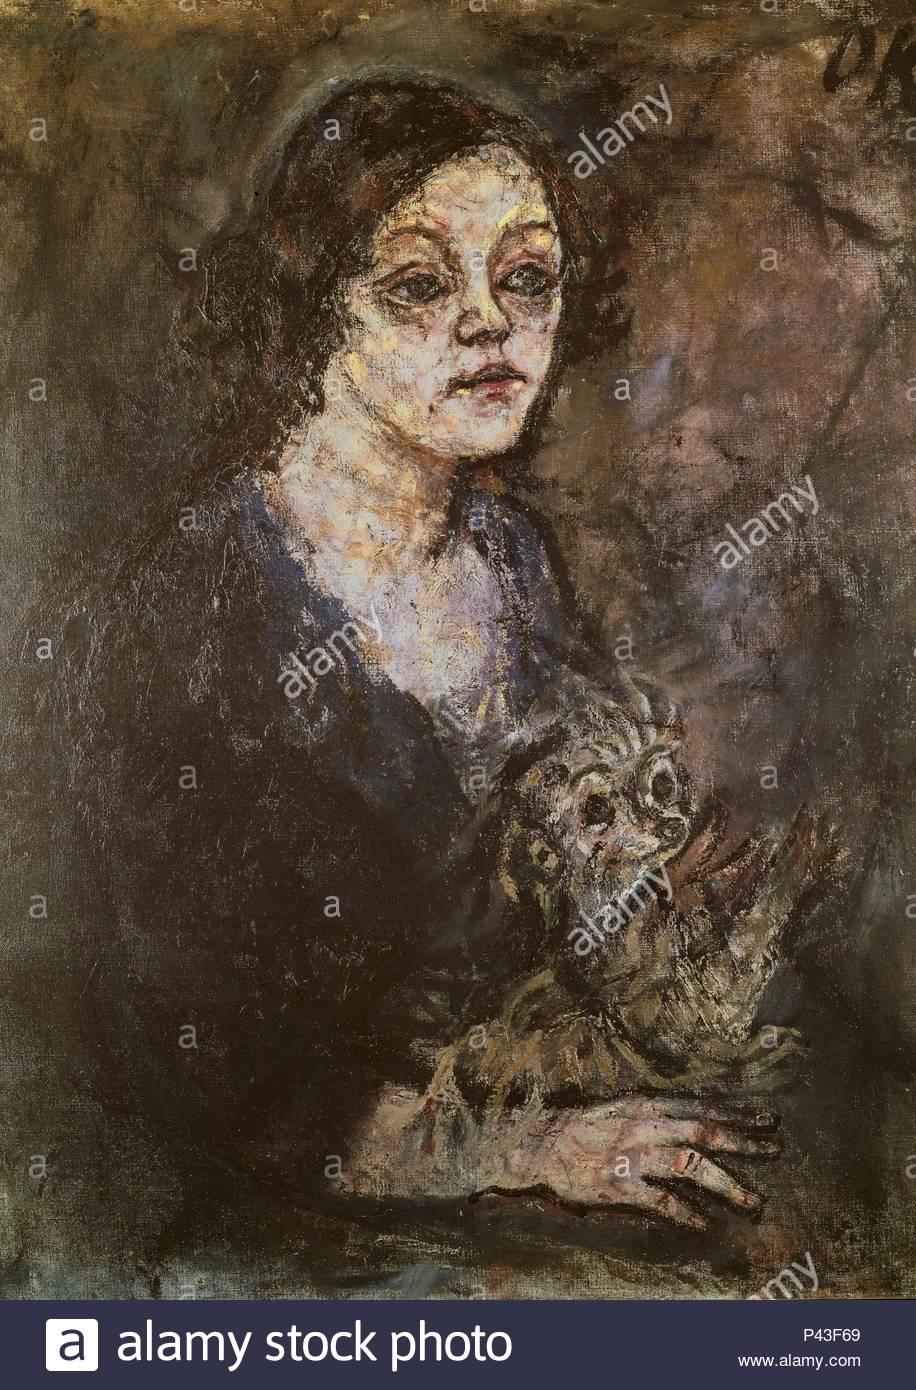 RETRATO DE ELSA KUPFER - 1931 - EXPRESIONISMO austriaco. Autore: Oskar Kokoschka (1886-1980). Posizione: il Kunsthaus di Zurigo, Svizzera. Immagini Stock